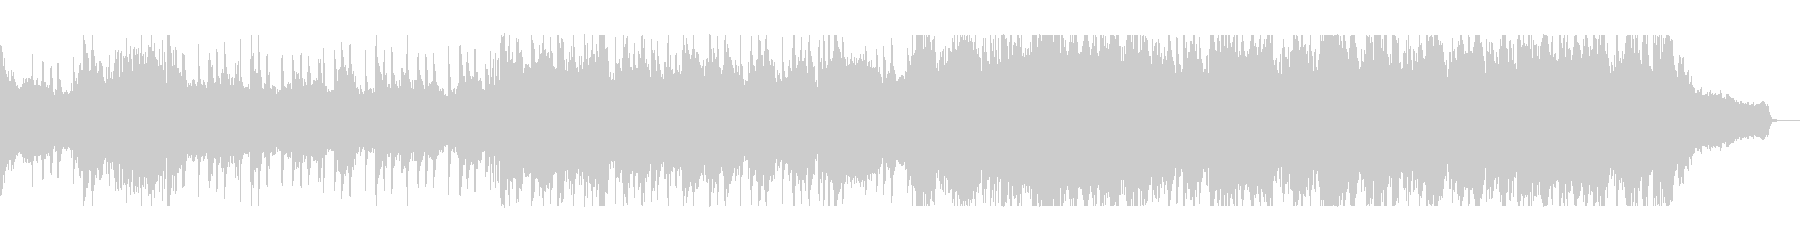 シリアスなバイオリンピアノサウンドの未再生の波形